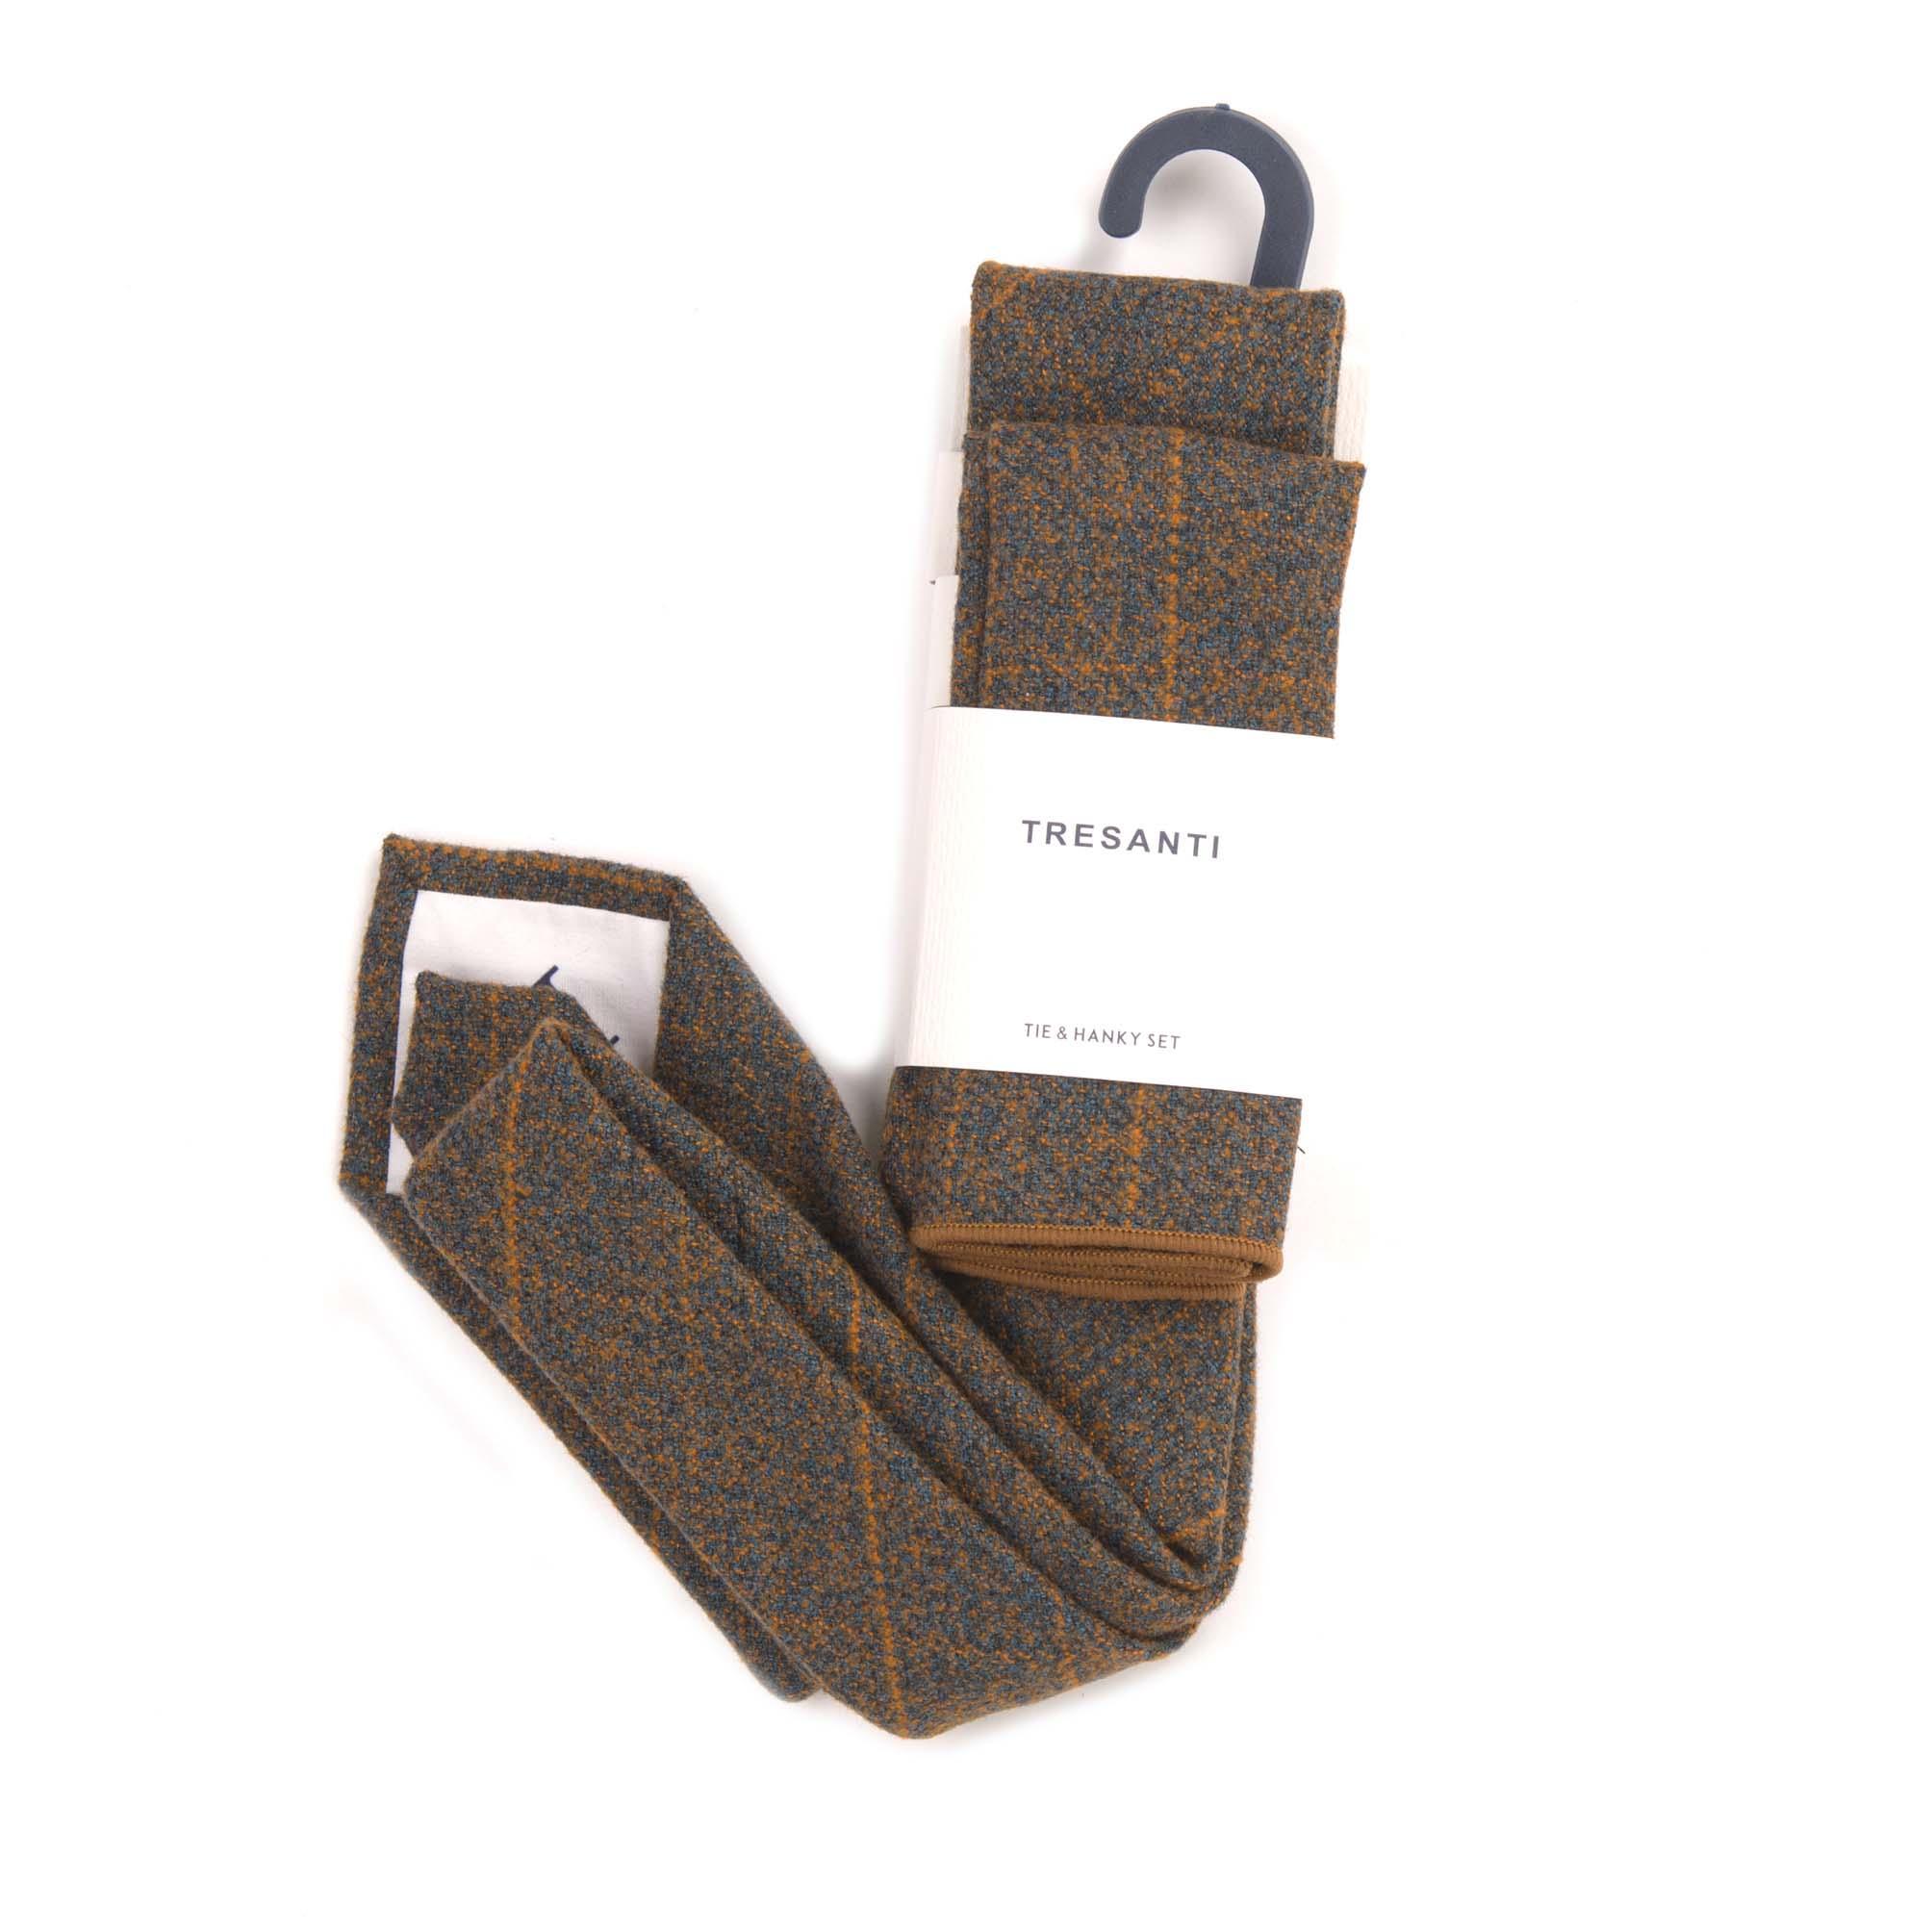 Tie & hanky set brown